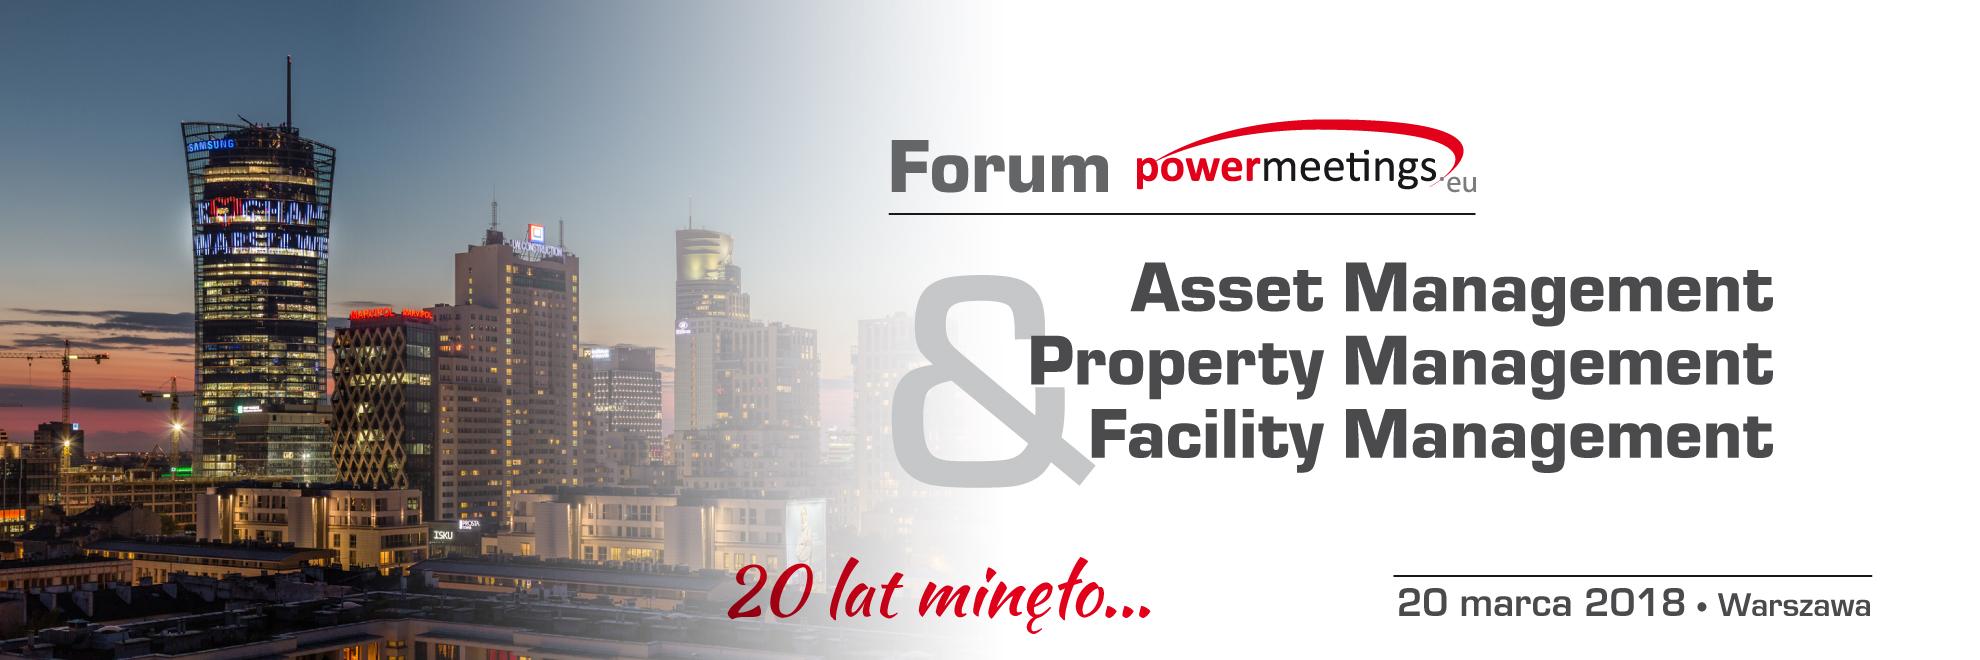 Informacje organizacyjne: Forum AM&PM&FM 20 marca, Warszawa